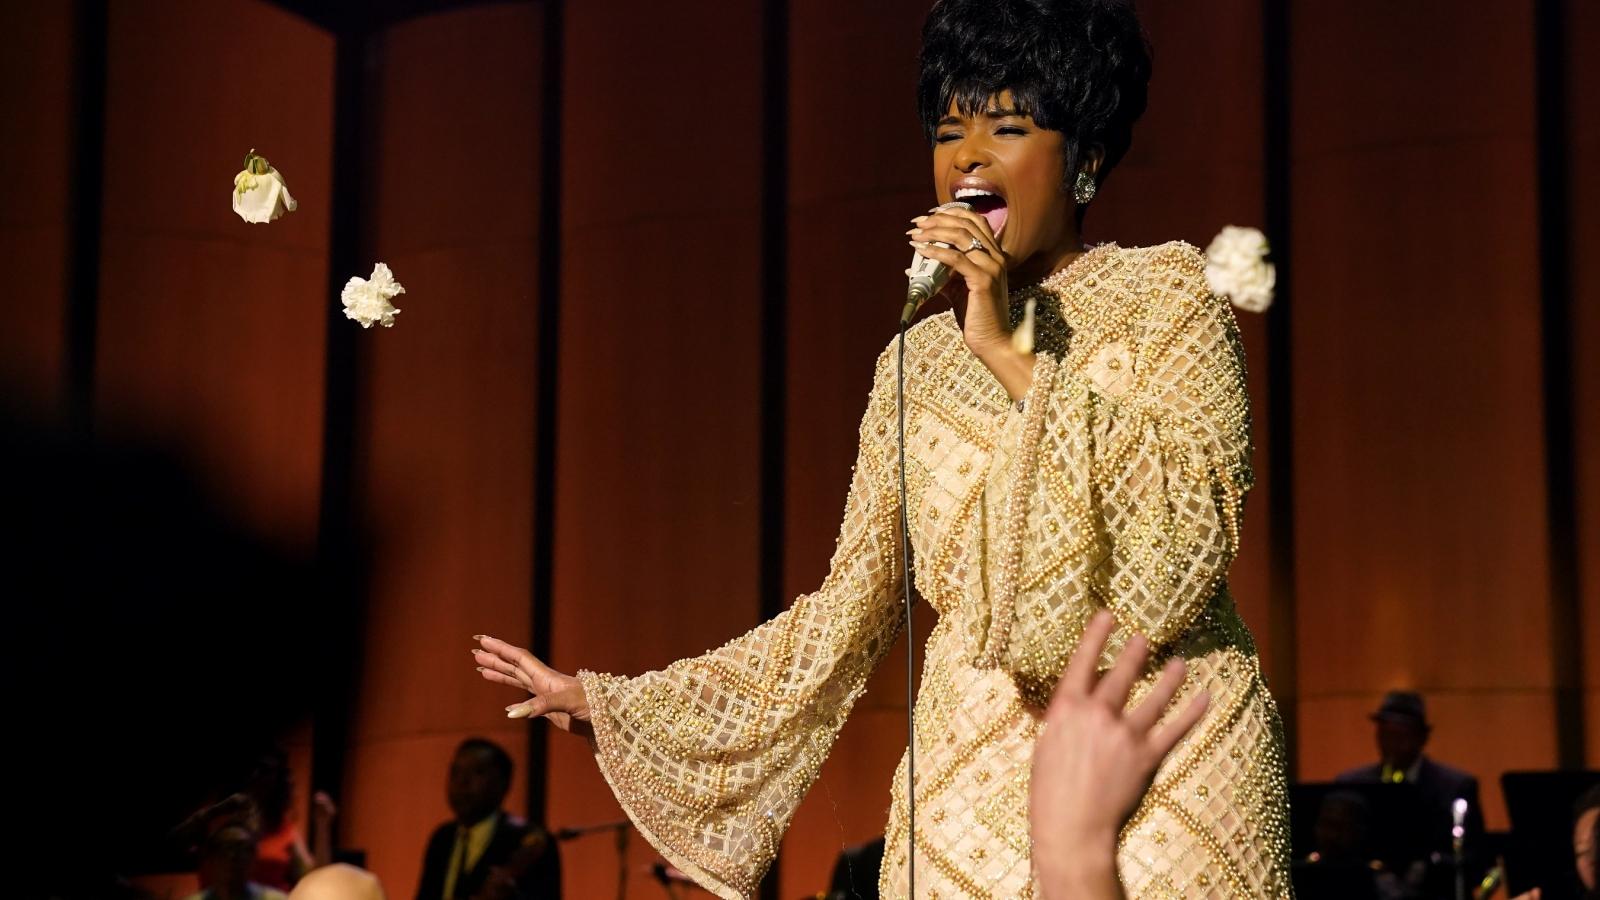 """Phim về """"nữ hoàng nhạc soul"""" Aretha Franklin tung trailer đầy cảm xúc"""